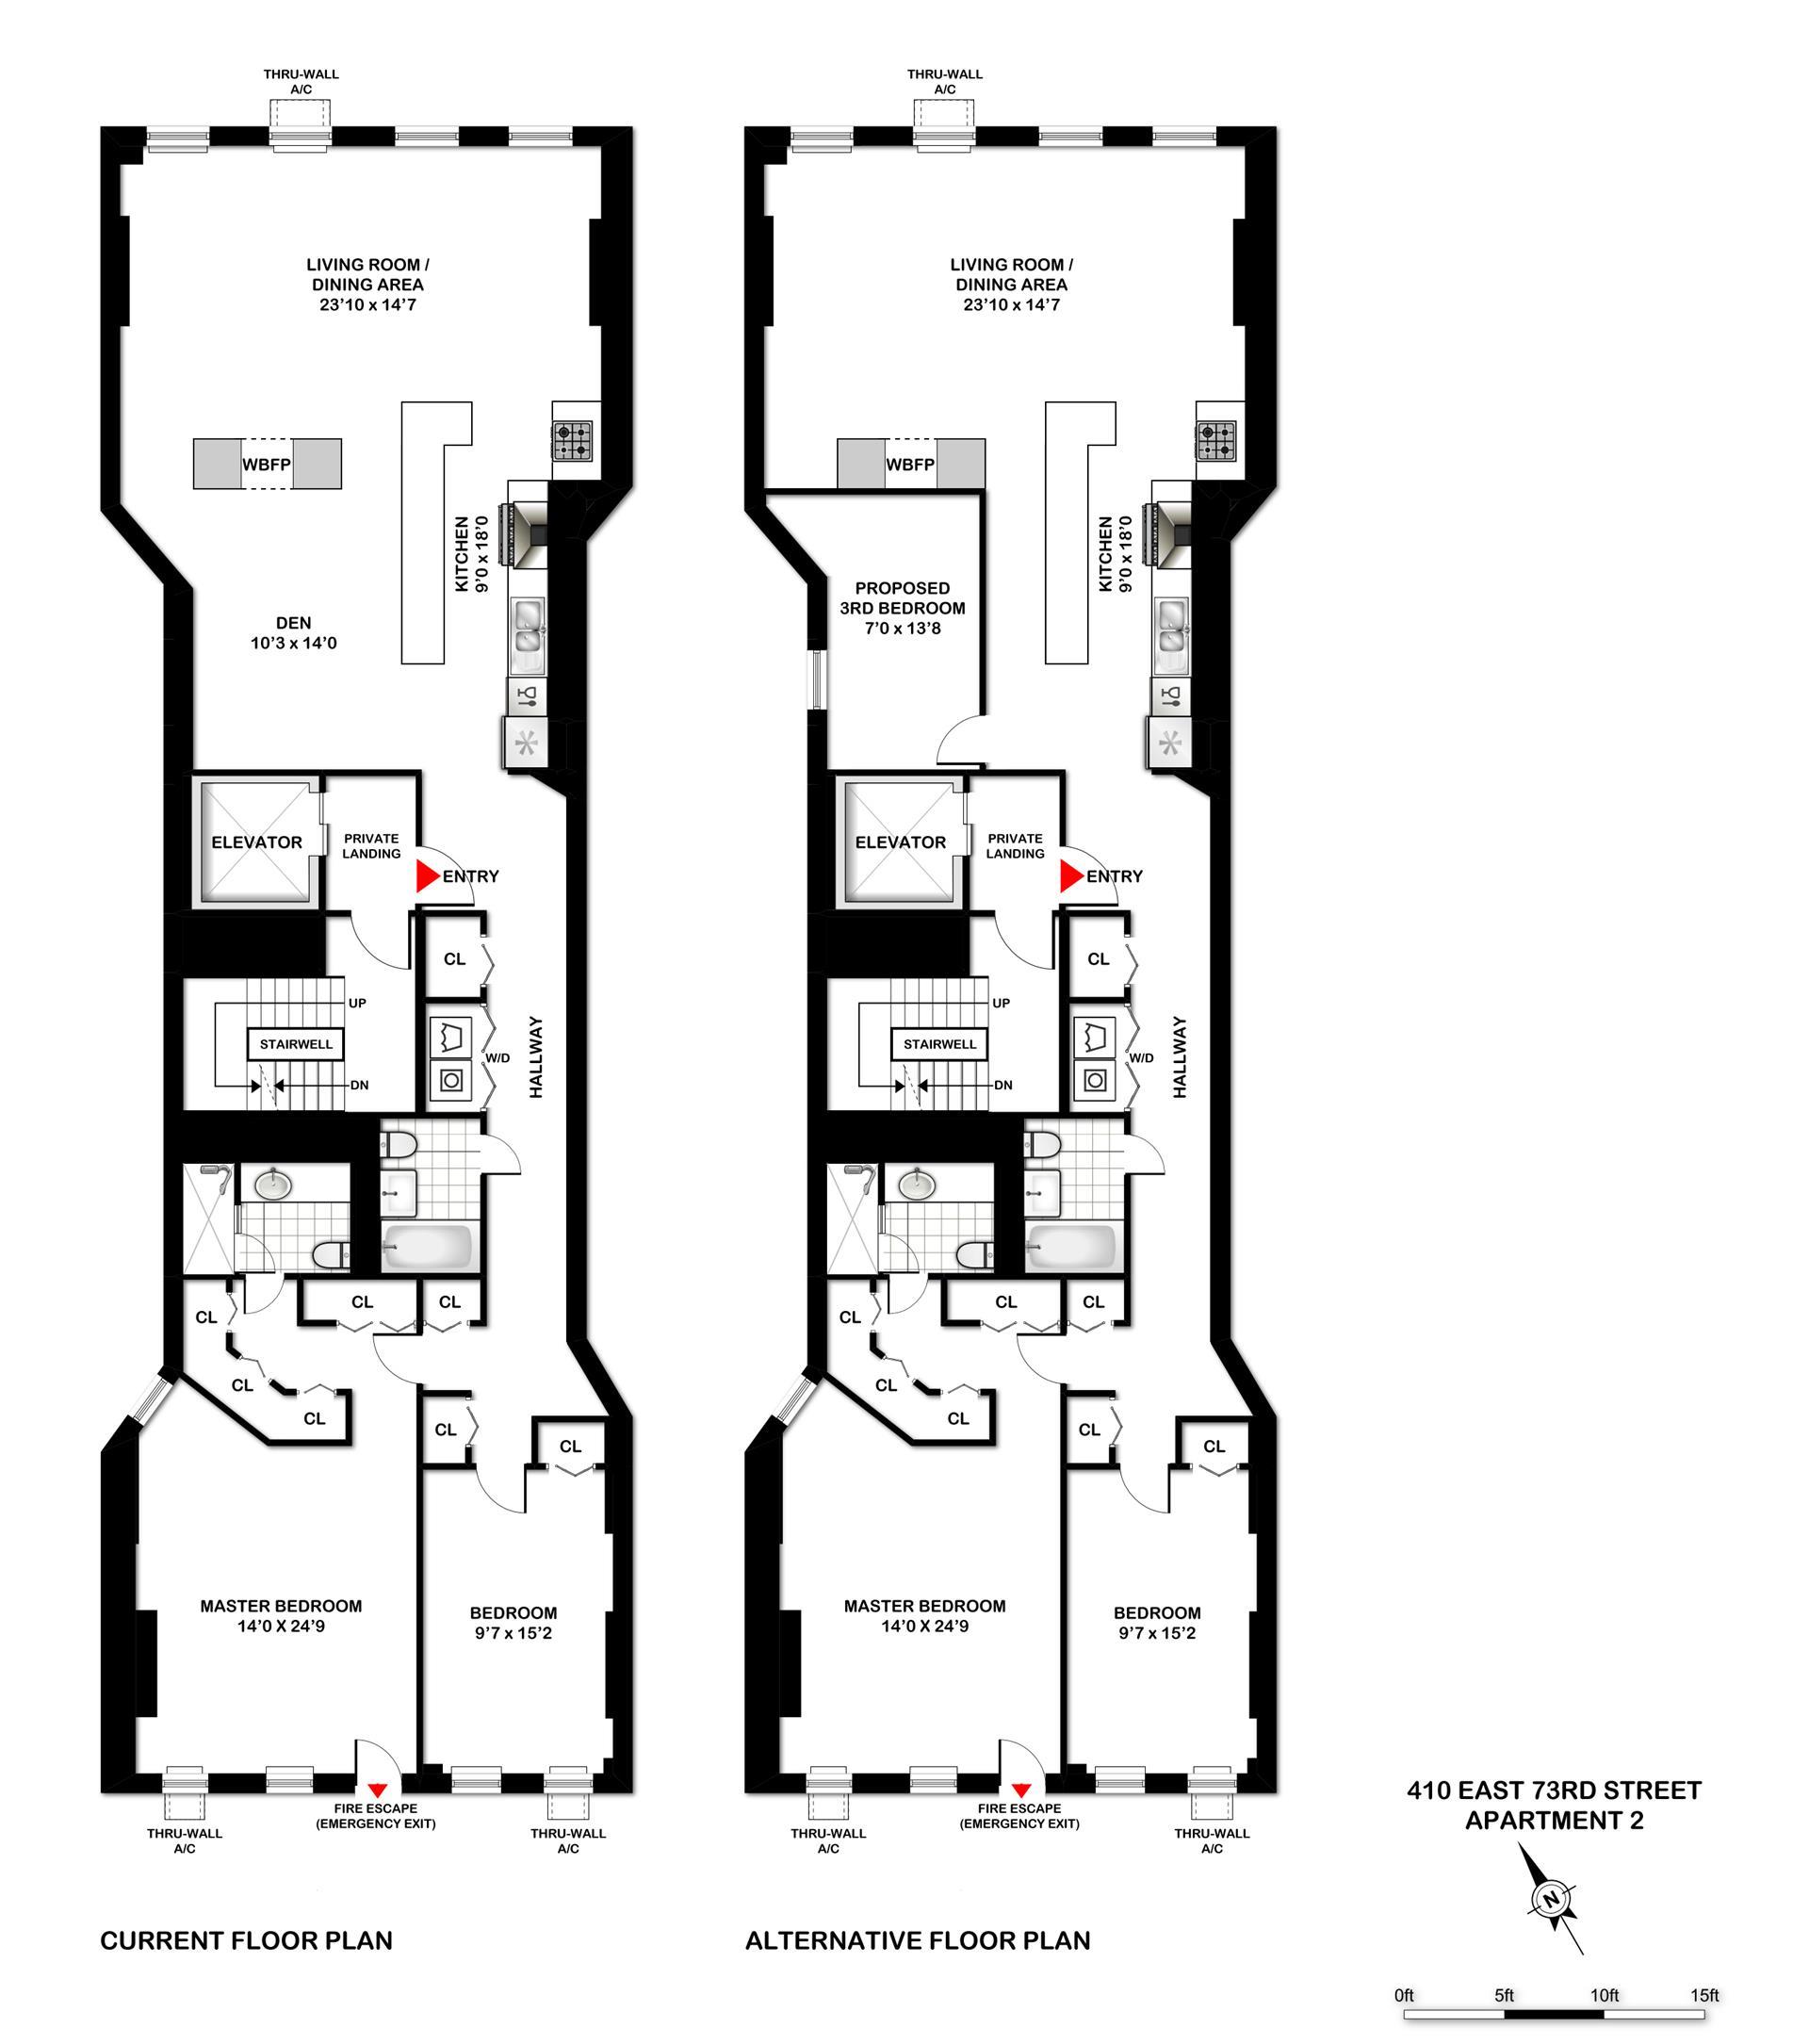 Floor plan of 410 E 73RD ST OWNER, 410 East 73rd St, 2 - Upper East Side, New York